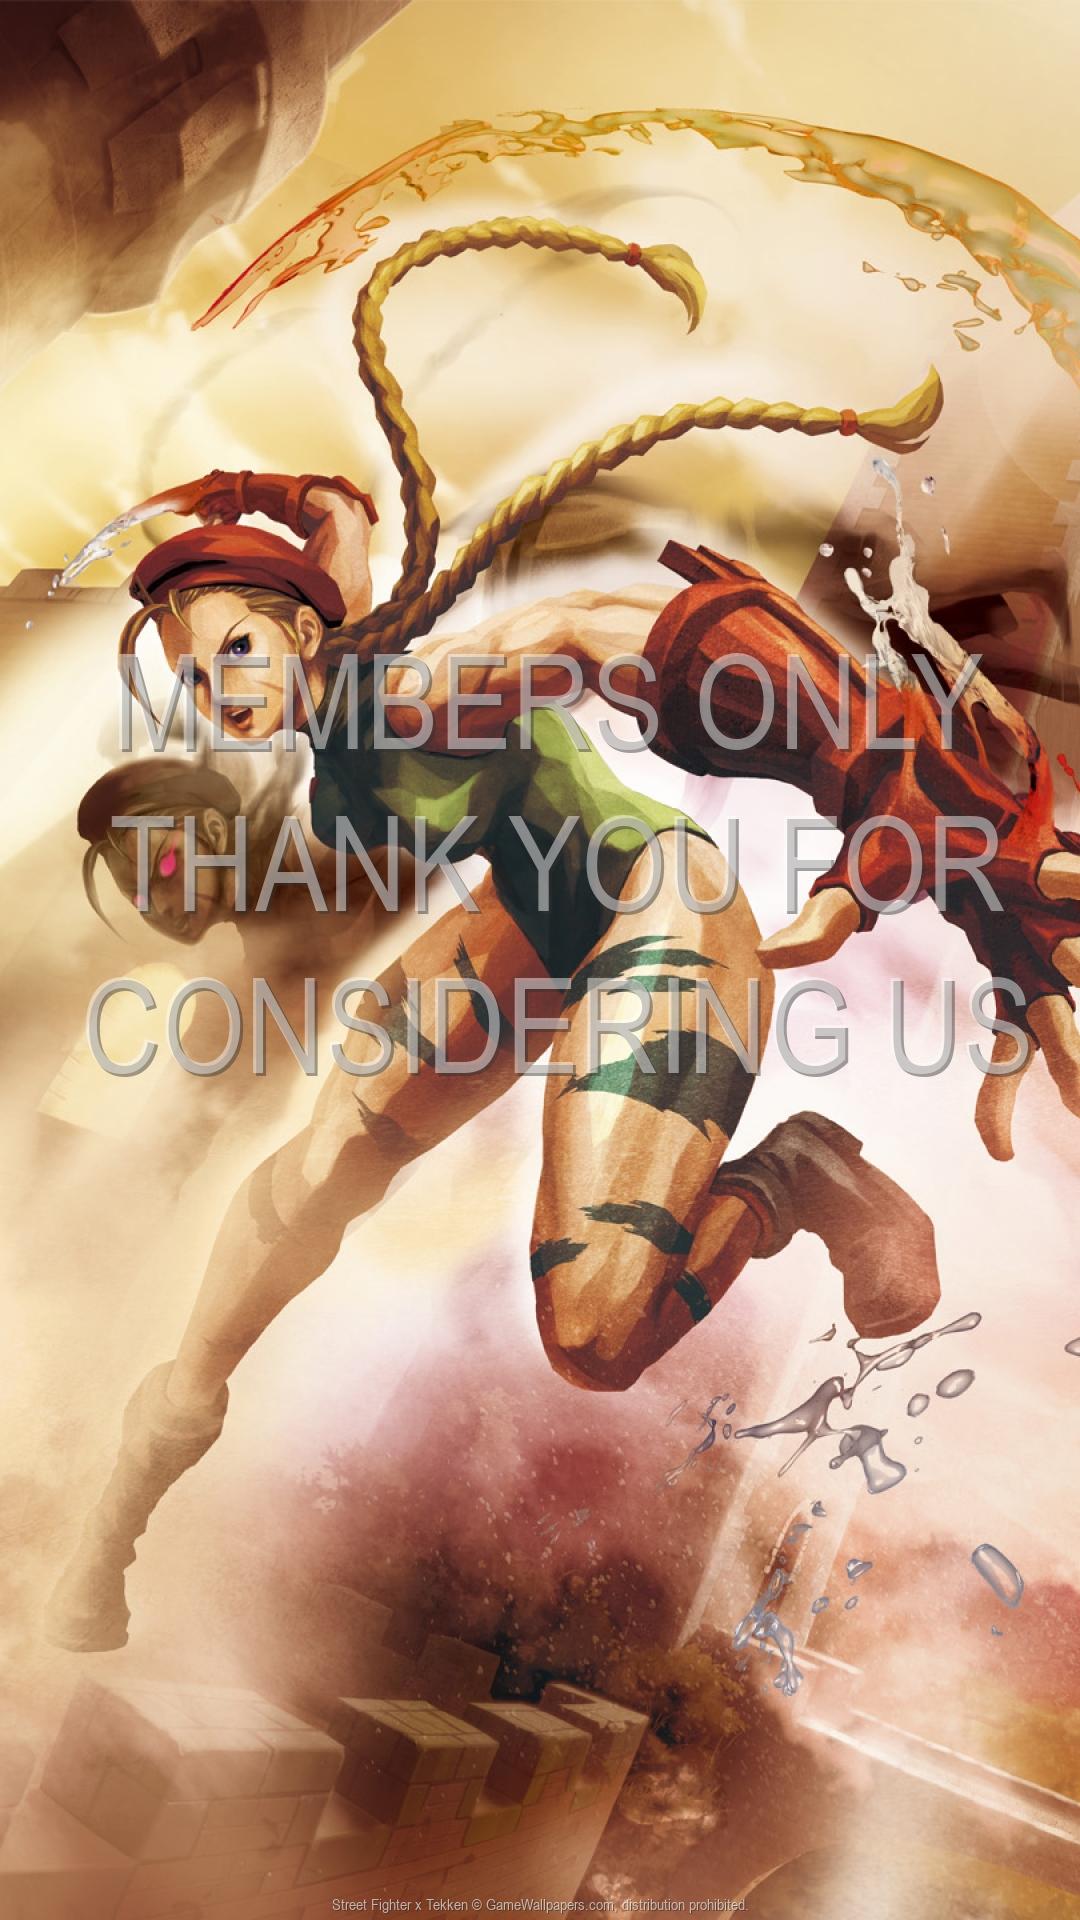 Street Fighter x Tekken 1920x1080 Handy Hintergrundbild 01